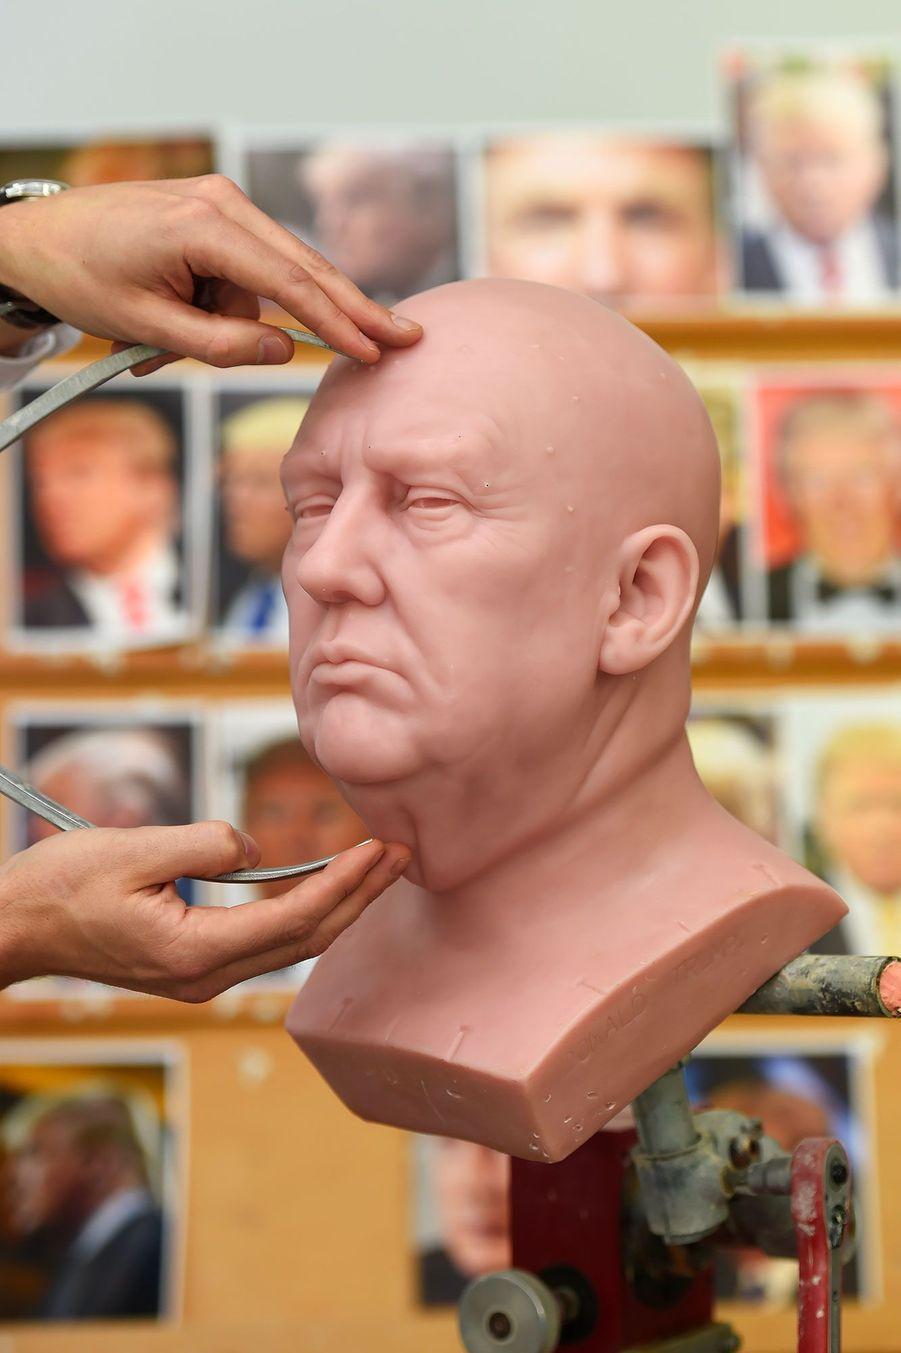 Le portrait en cire de Donald Trump, qui sera exposé au Madame Tussauds de Londres